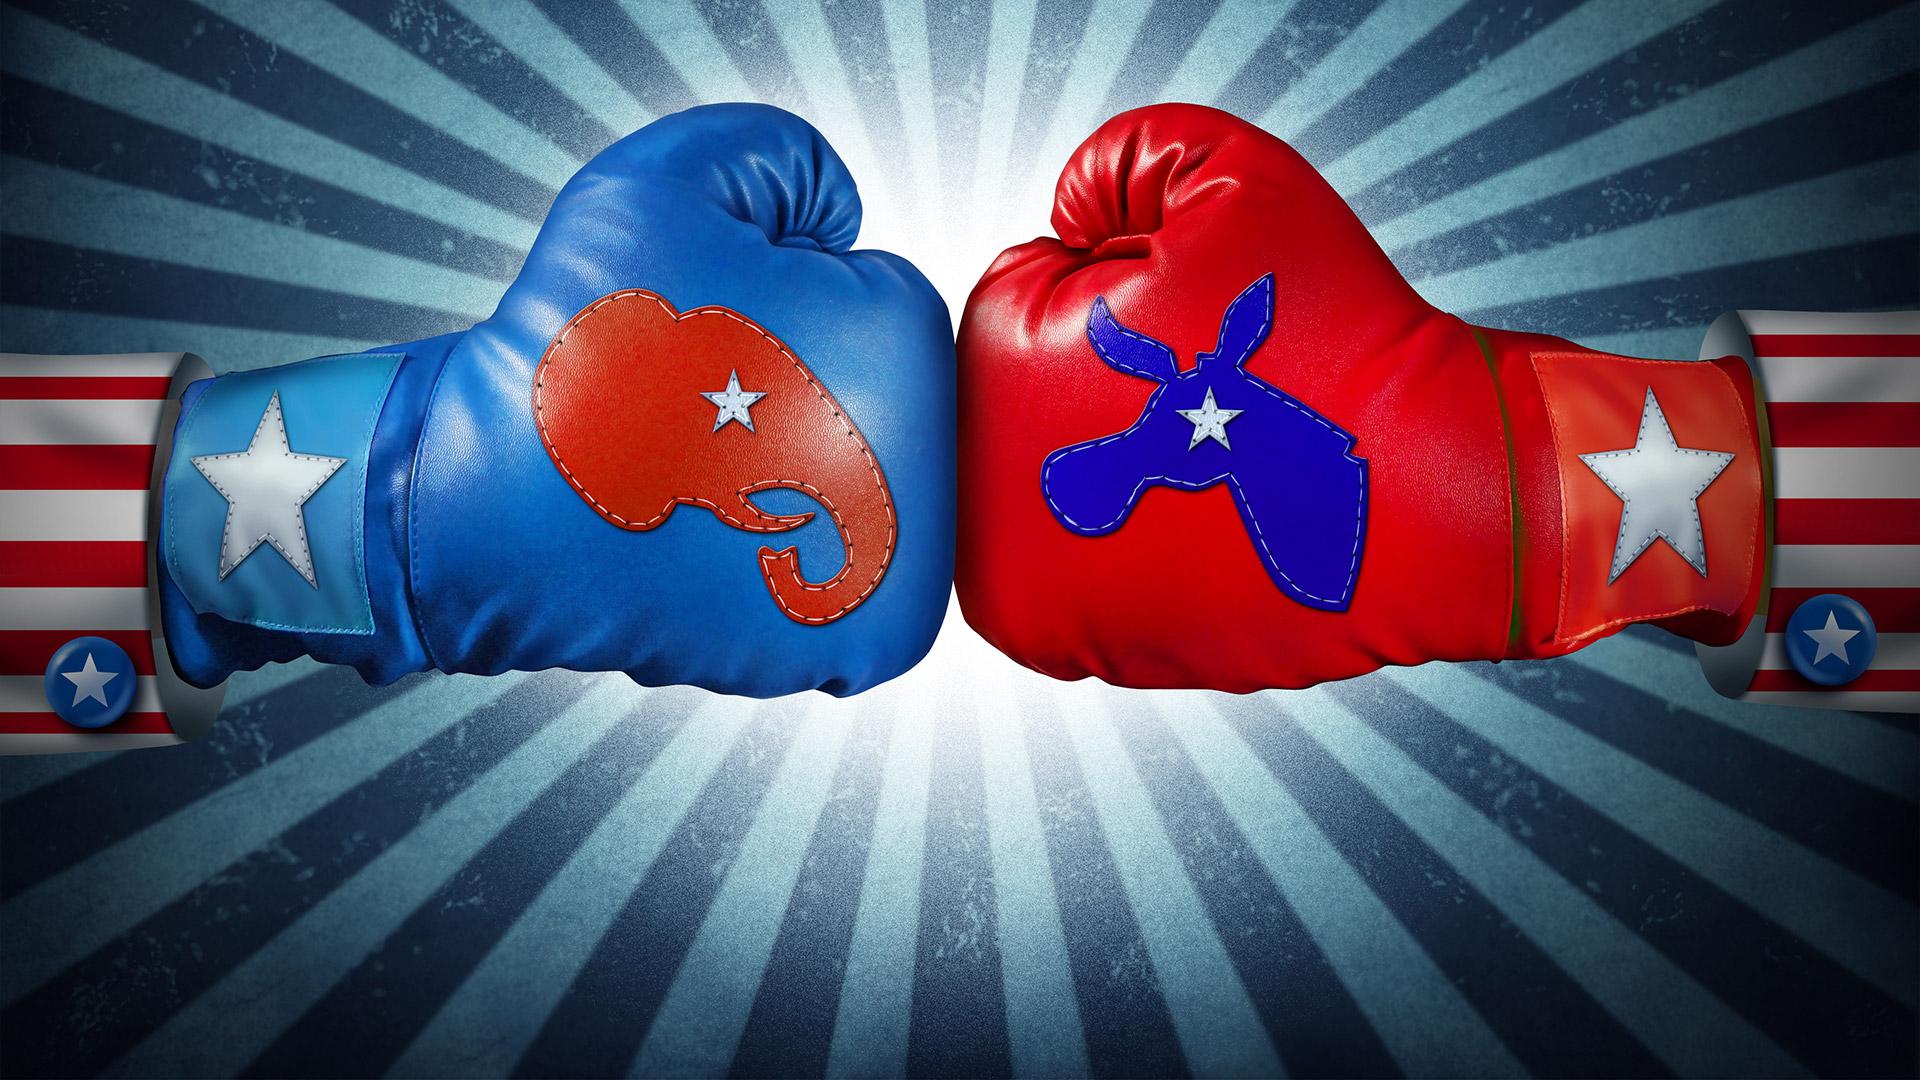 politics-elections-republicans-democrats-boxing-ss-1920